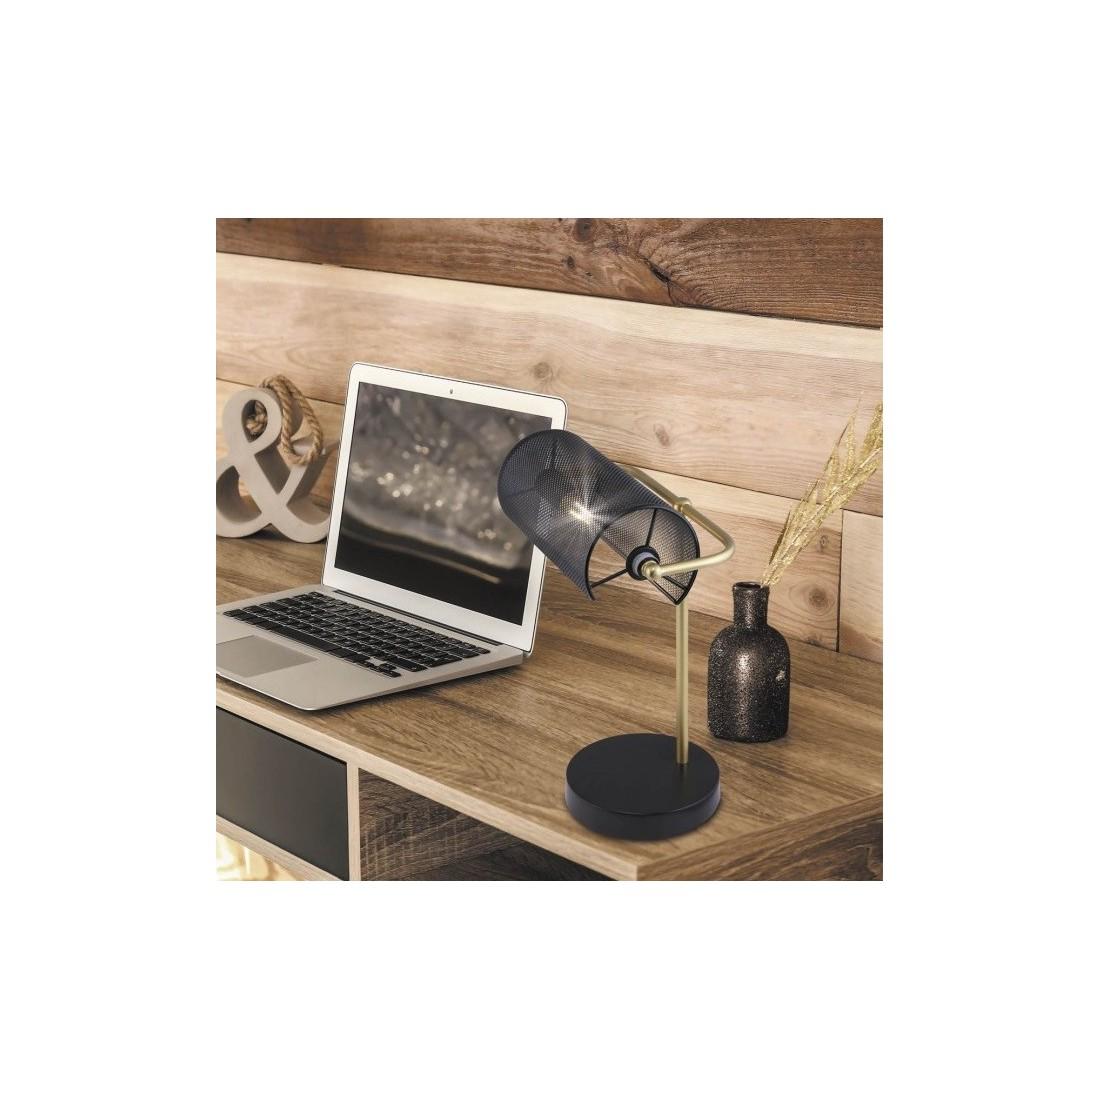 L mparas de madera buho azul para ni os tienda online - Lamparas techo bebe ...